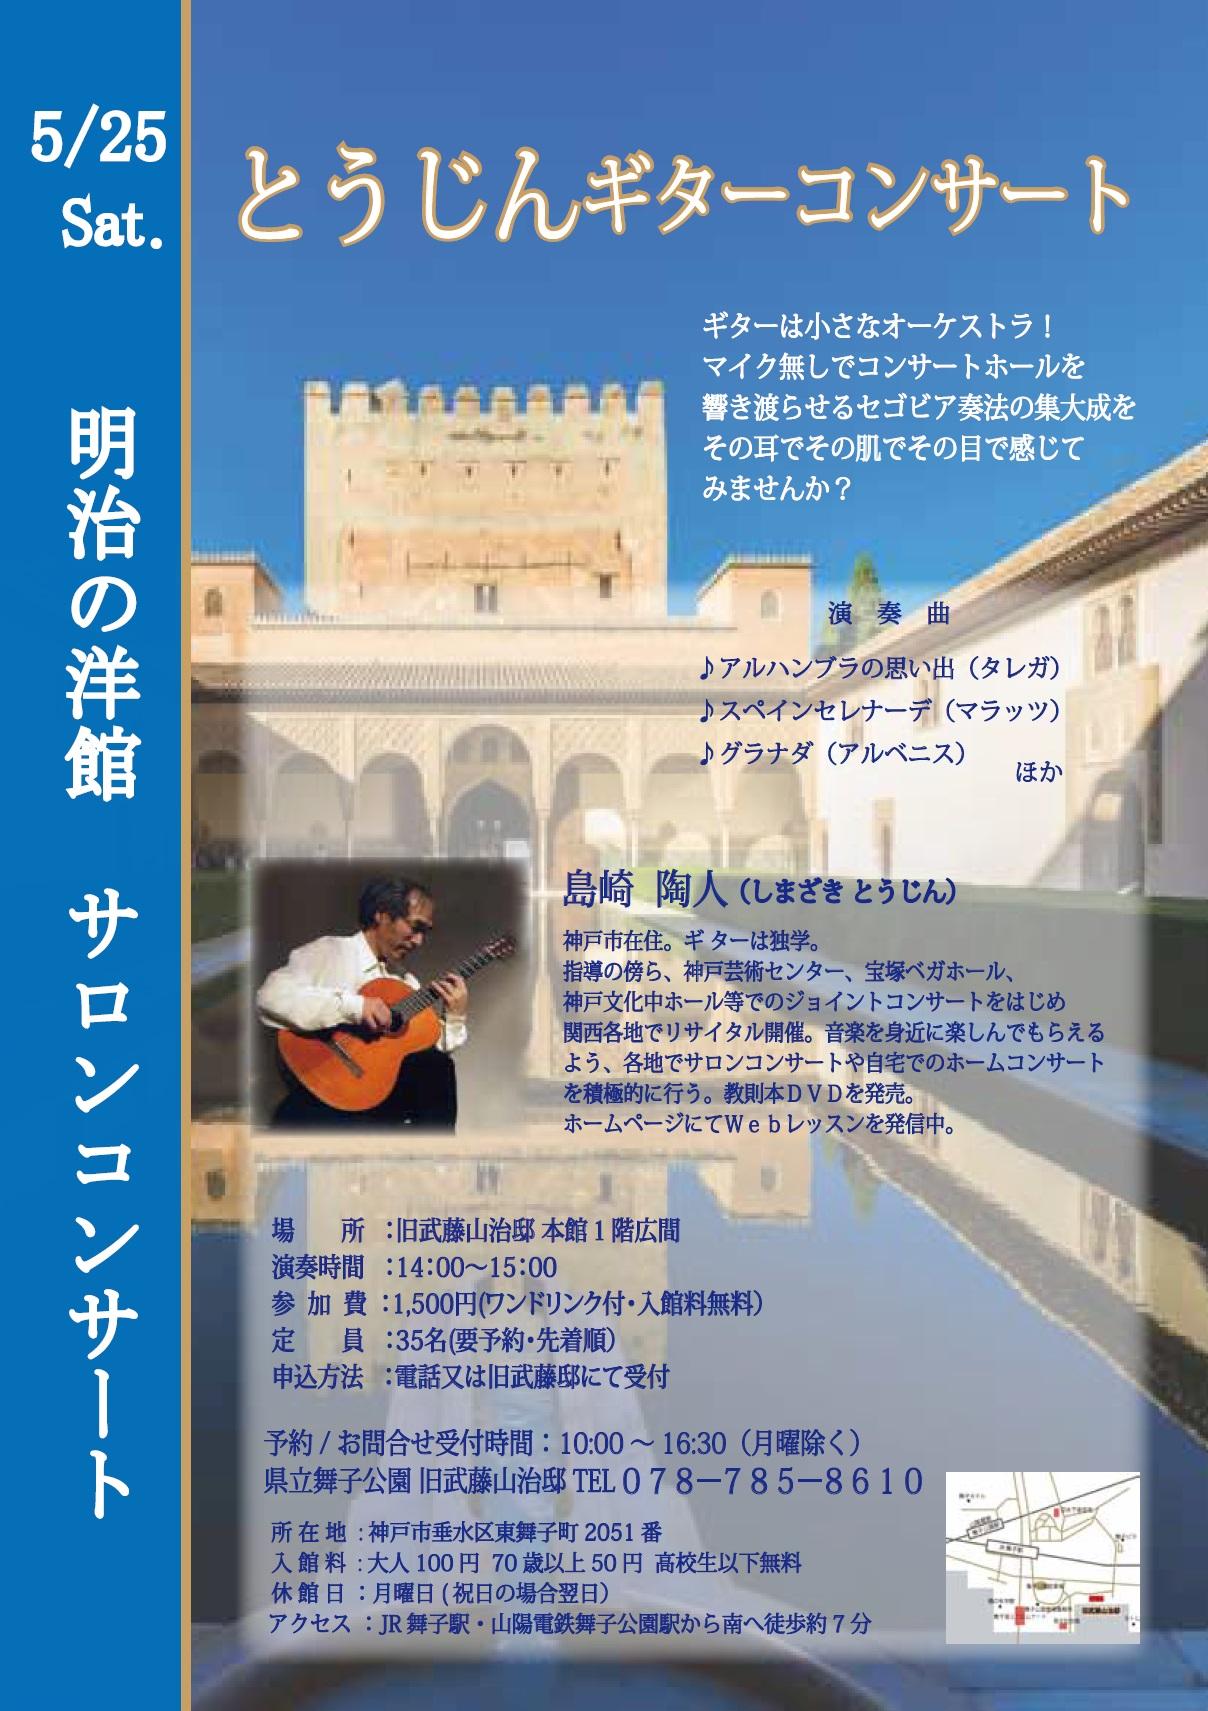 満席御礼!5月25日開催「明治の洋館サロンコンサート・とうじんギターコンサート」のアイキャッチ